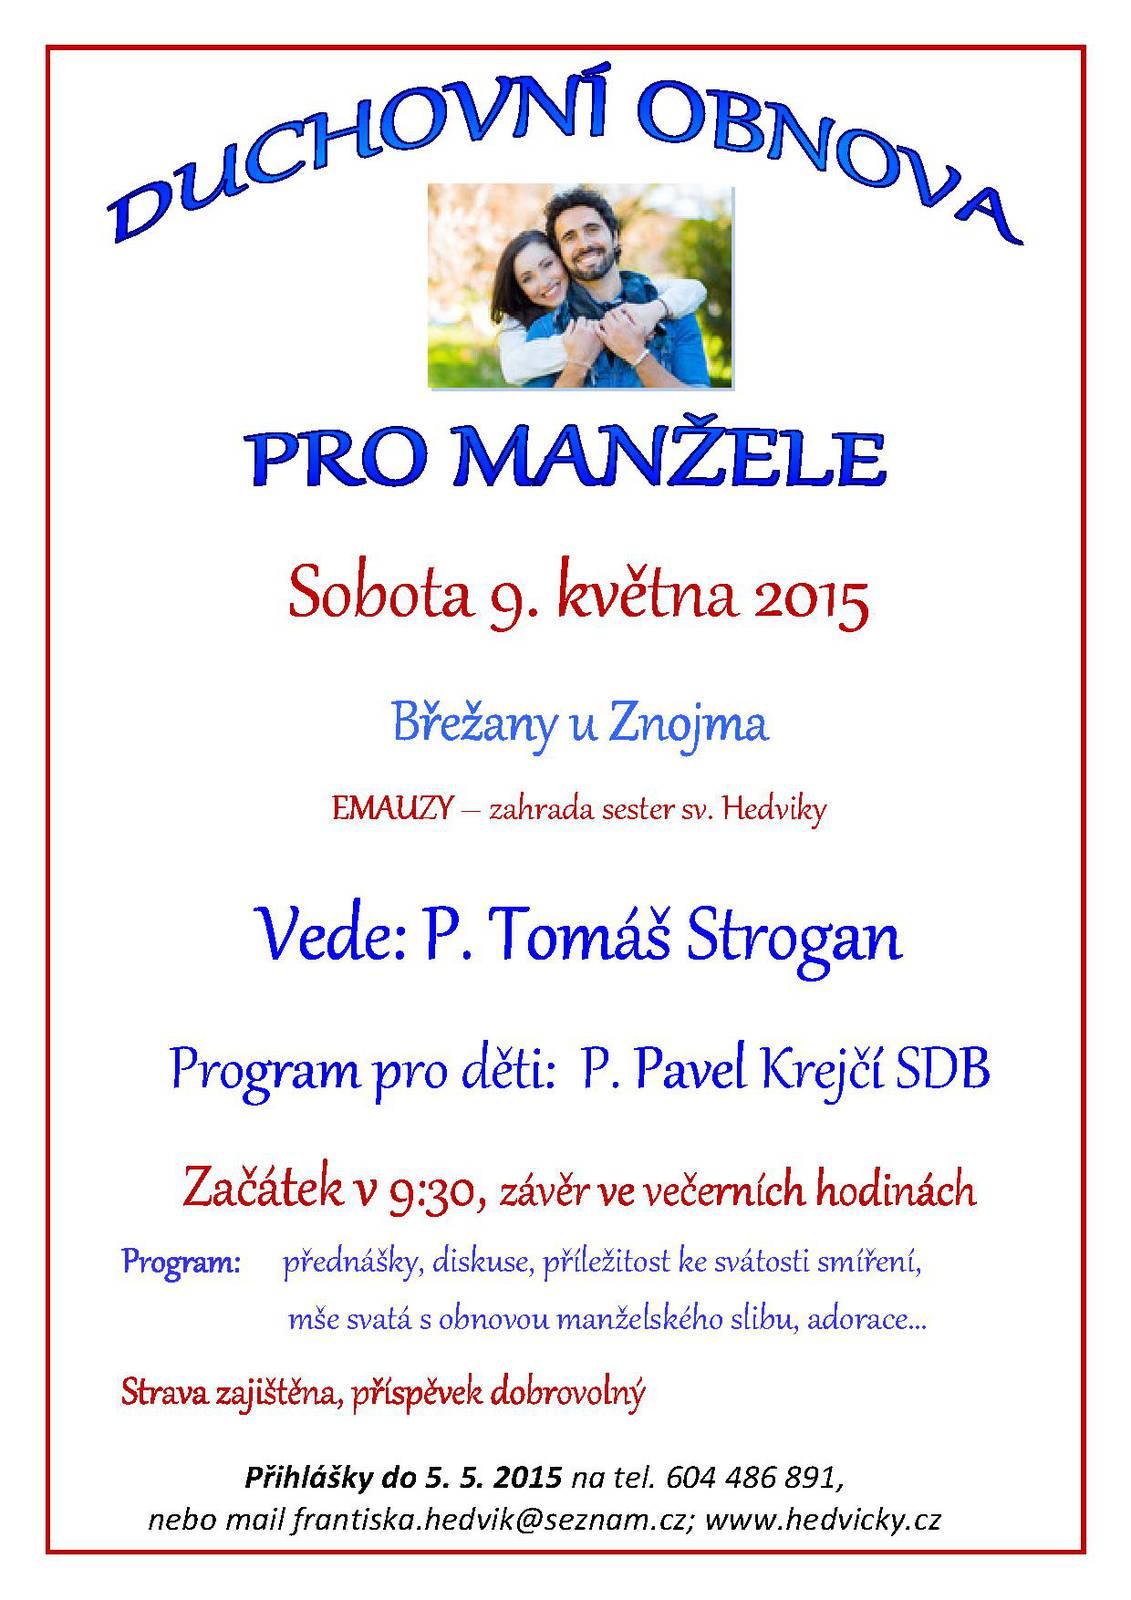 Duchovní obnova pro manžele v Břežanech u Znojma - Radio Proglas e0c01e2a23